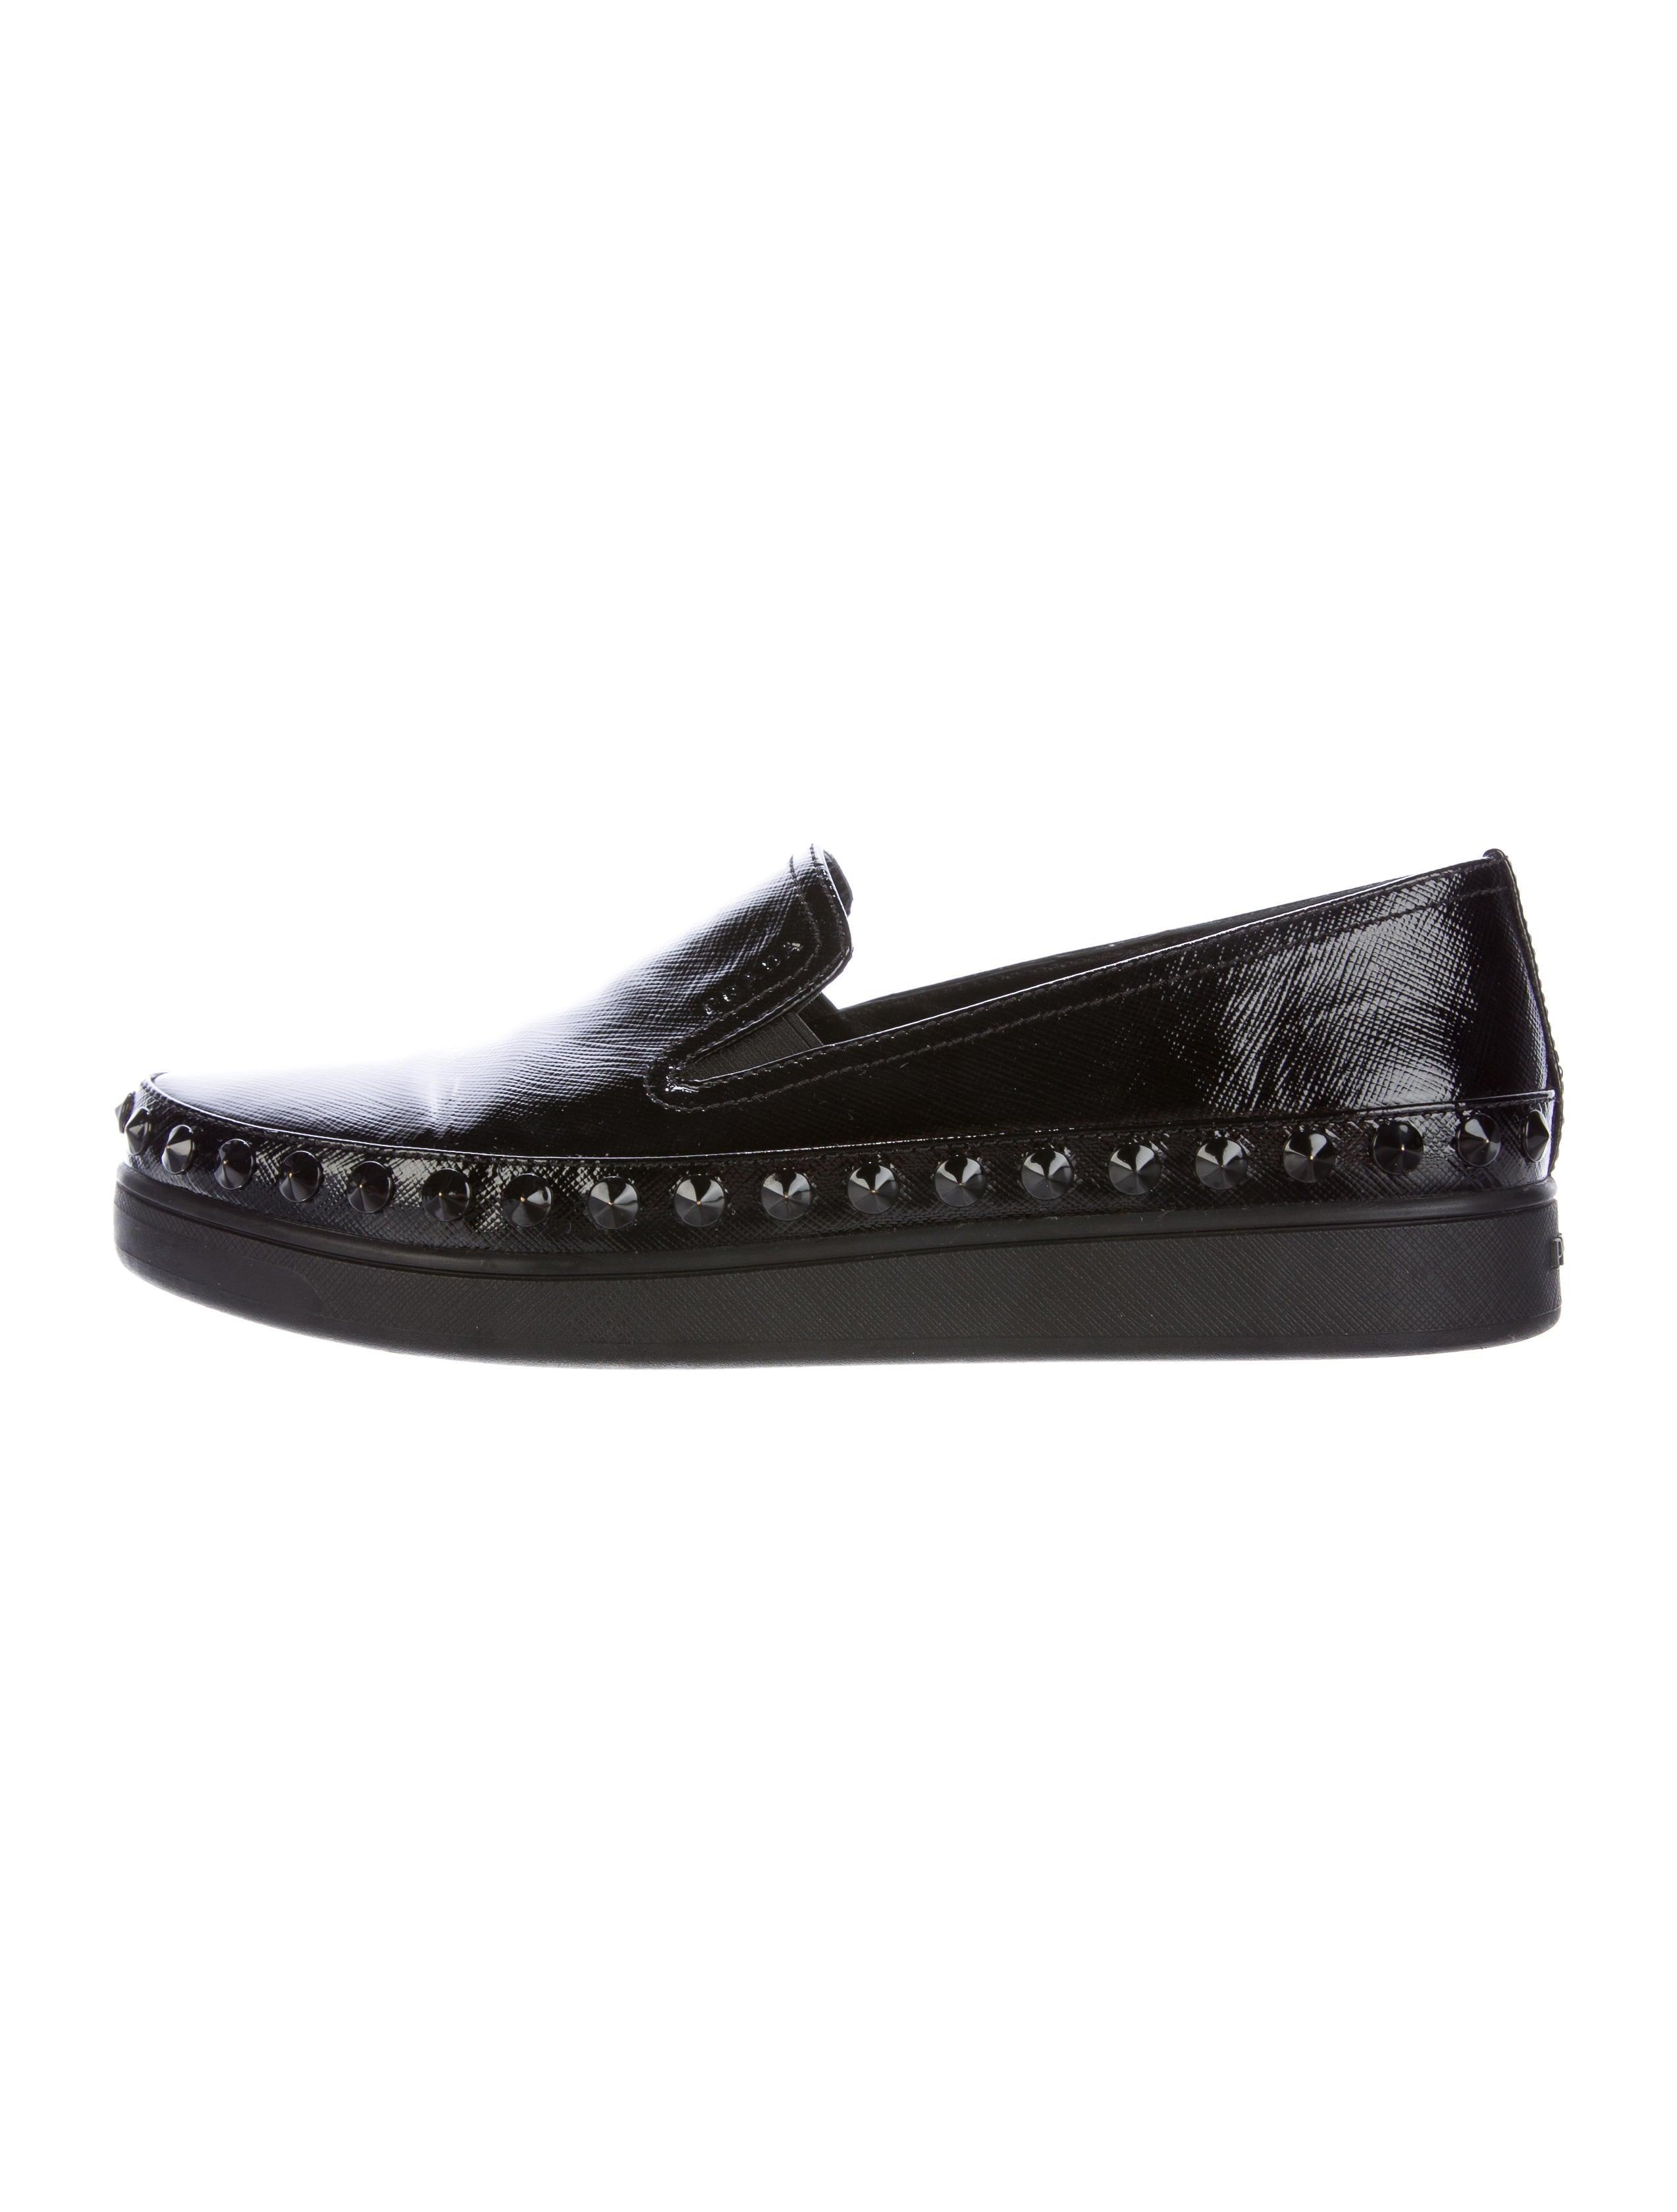 prada sport spiked slip on sneakers shoes wpr38552